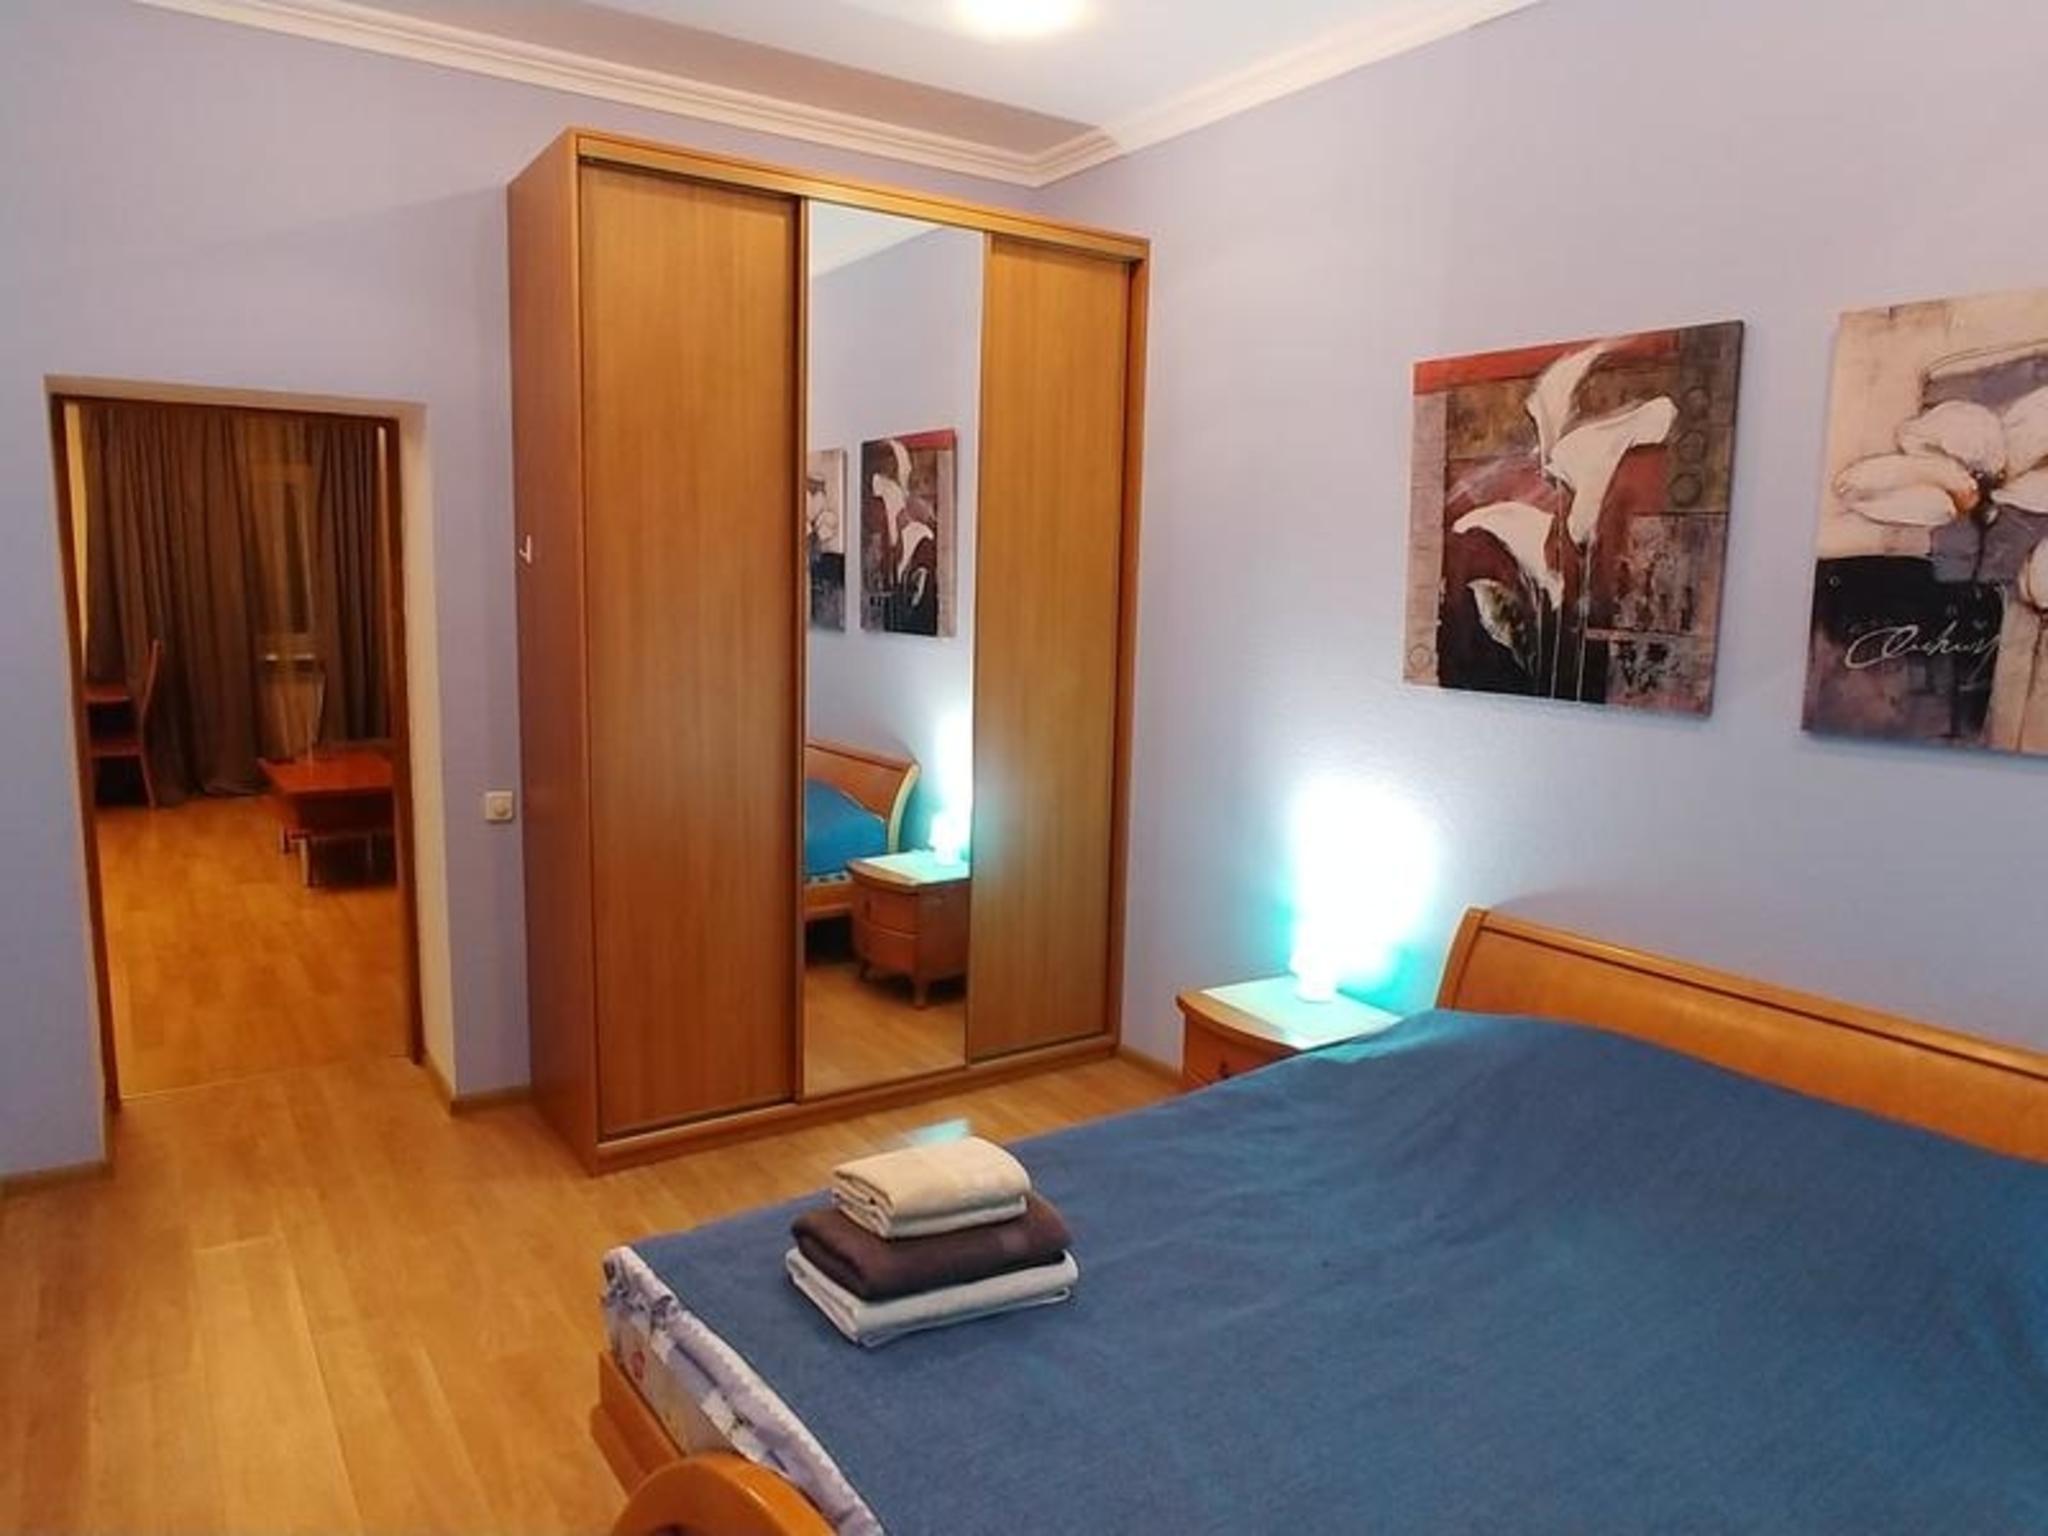 Zwei Schlafzimmer 4 Mykhailivskyi Lane Zentrum von Kiew